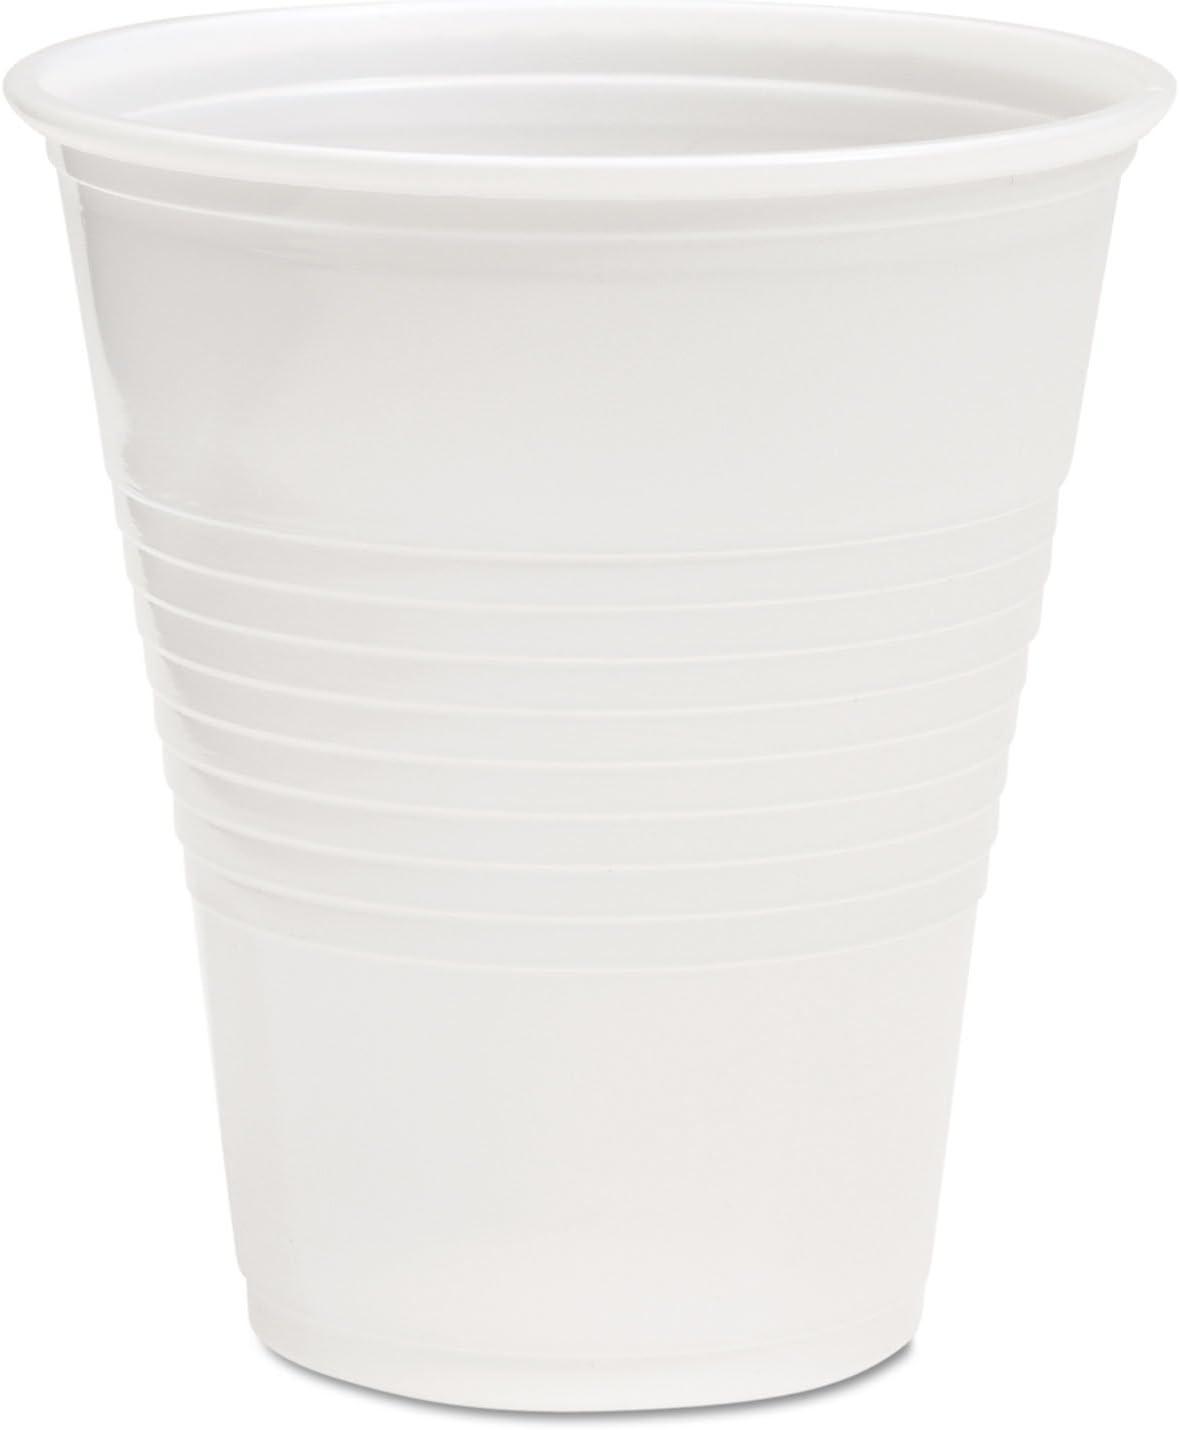 Genuine Joe Translucent Plastic Beverage Cups